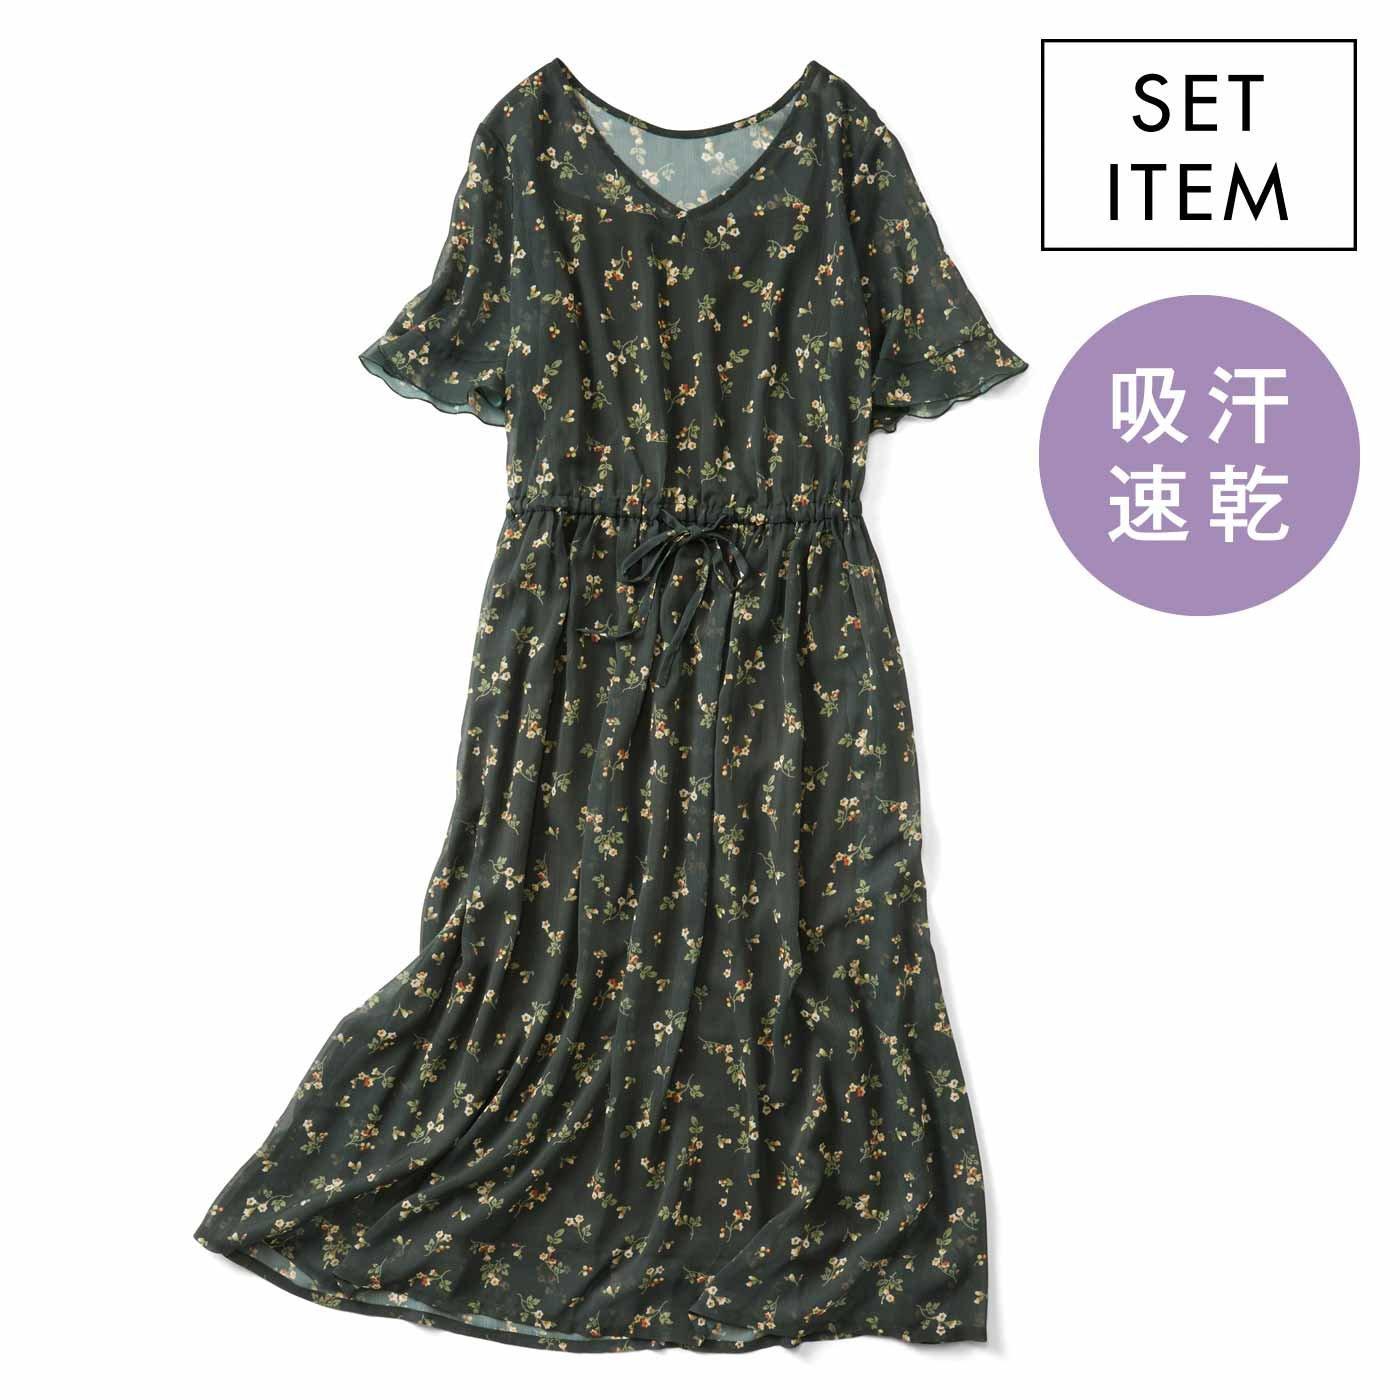 IEDIT 吸汗速乾キャミドレス付き フラワープリントワンピース〈グリーン〉